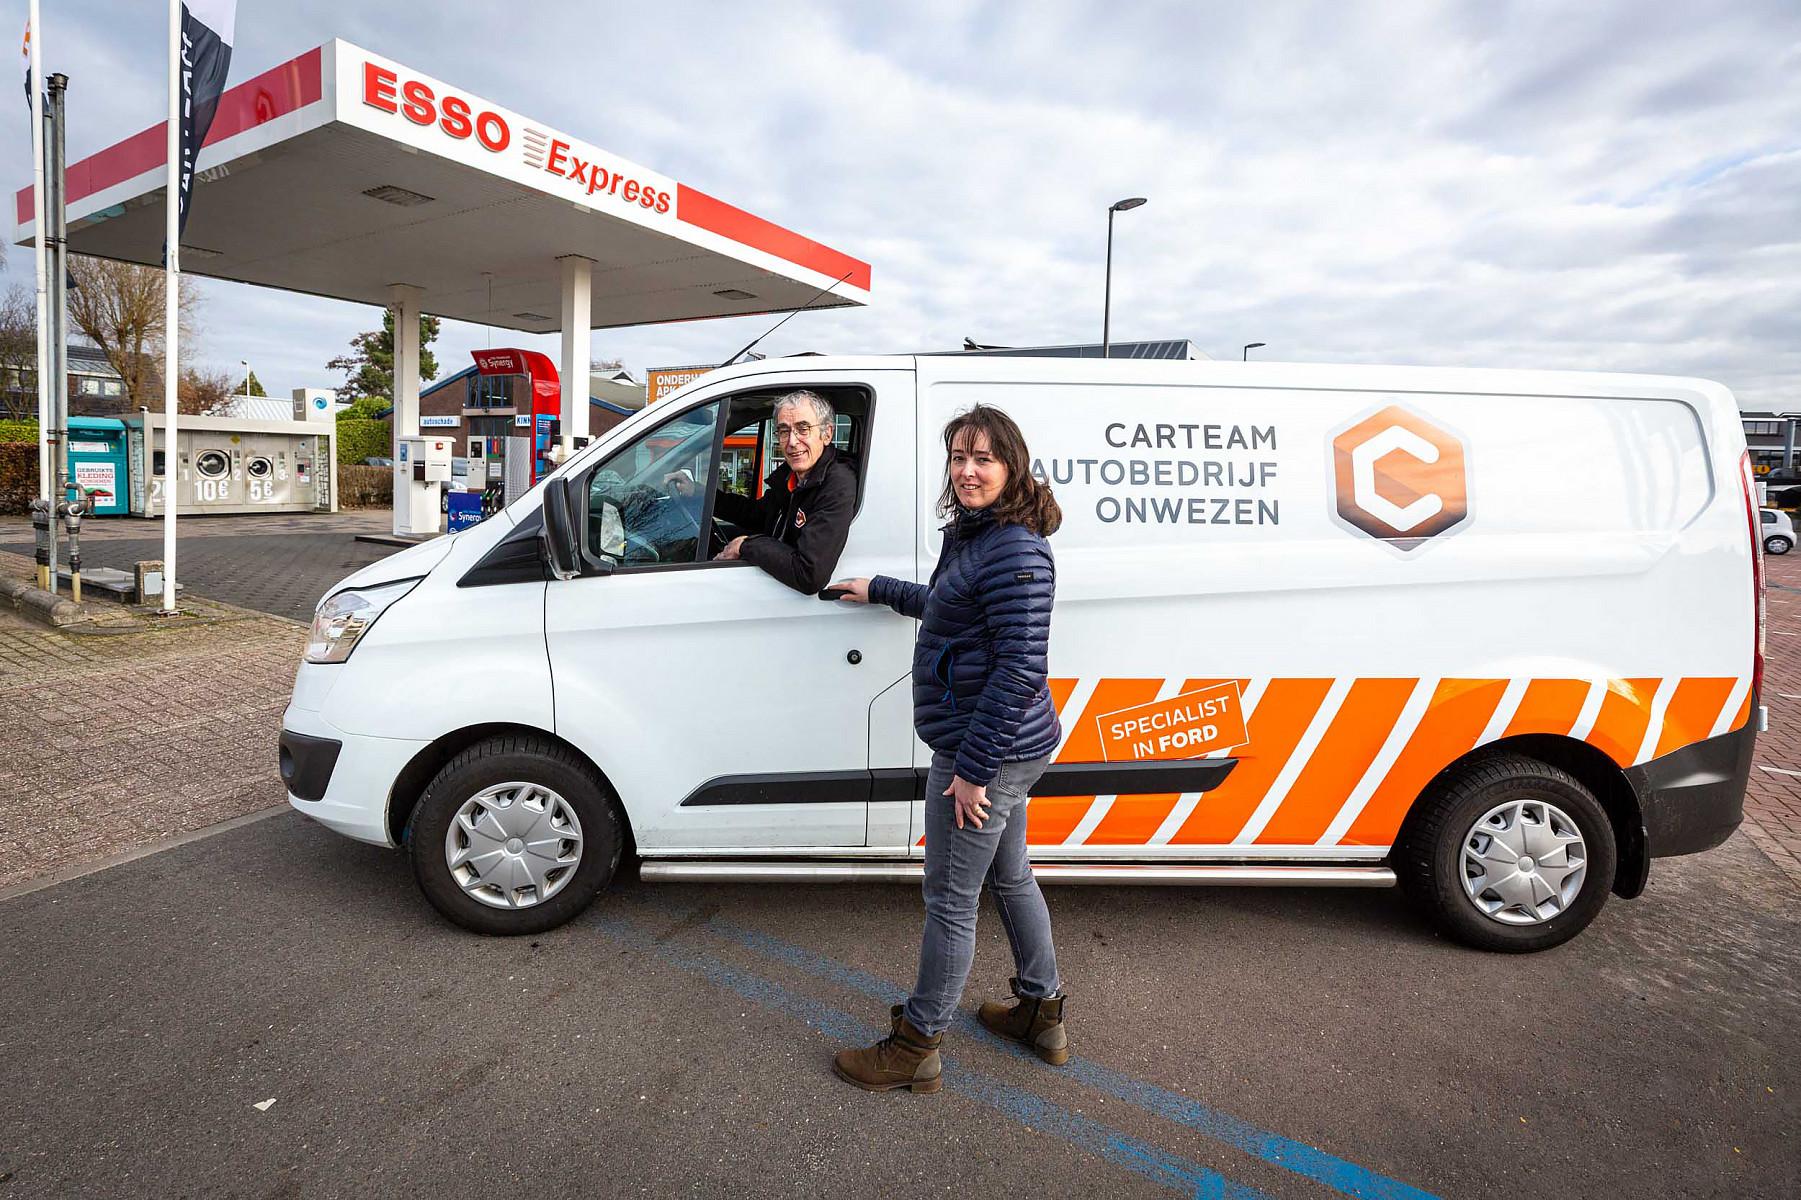 Carteam